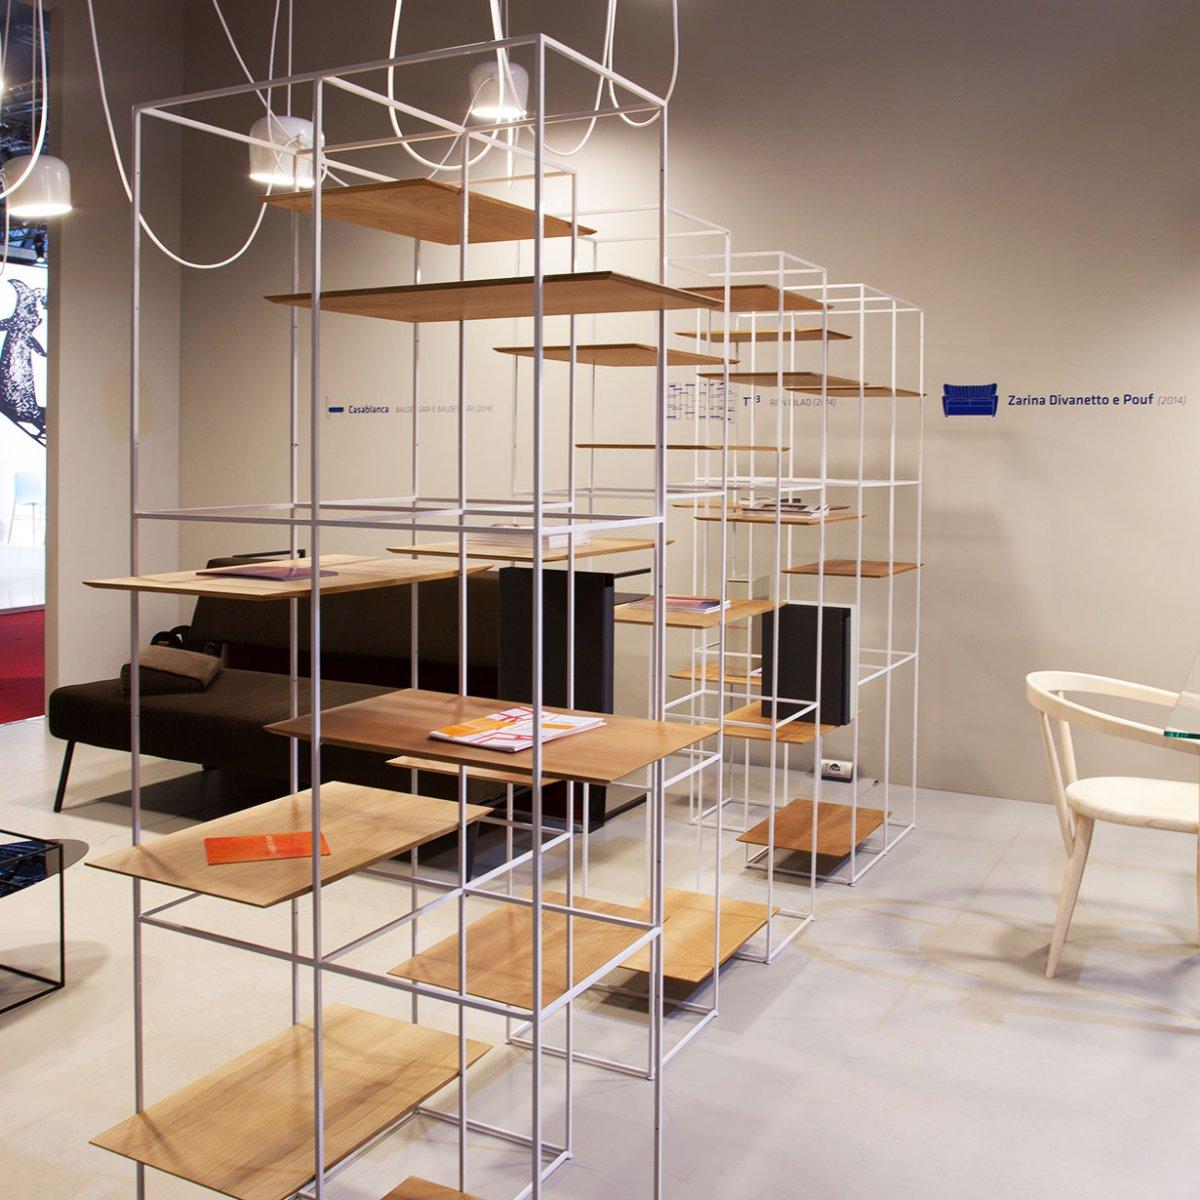 Libreria Bifacciale A Soffitto librerie bifacciali per dividere e caratterizzare gli spazi